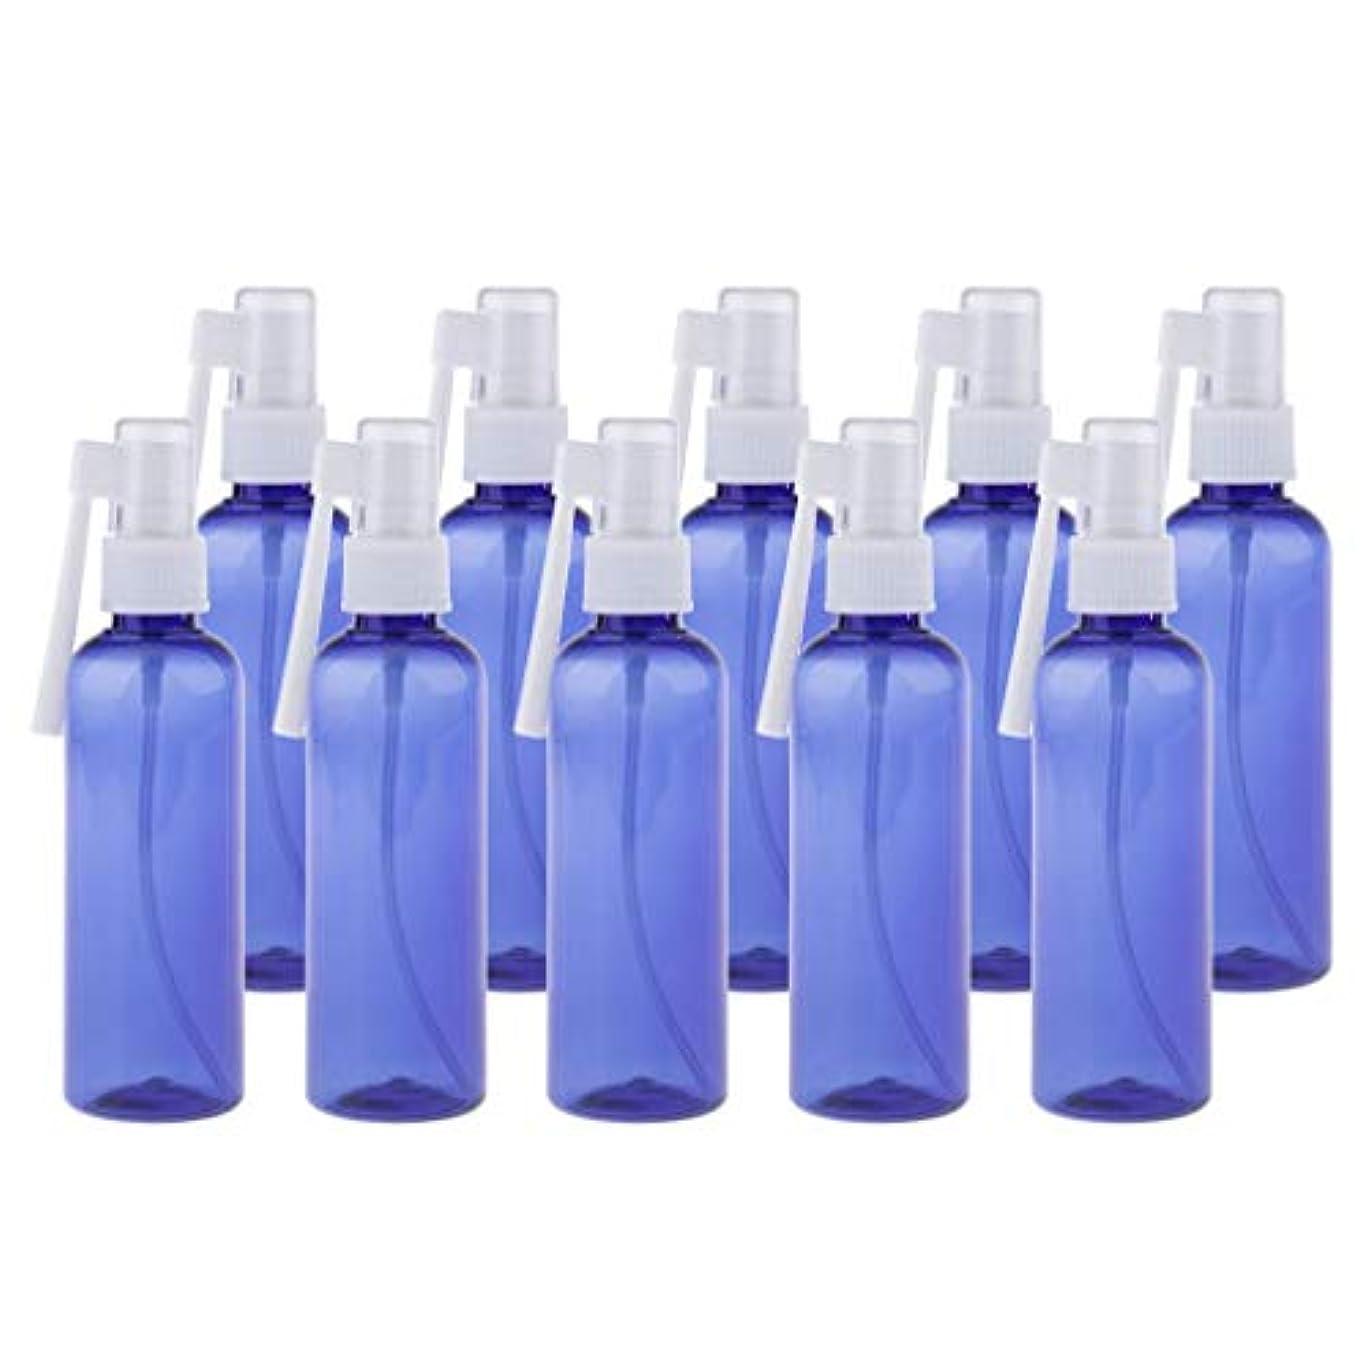 味わう皮気分が悪いCUTICATE スプレーボトル 経口 点鼻スプレーボトル スプレー容器 点鼻噴霧 詰め替え容器 携帯用 全2色 - 青